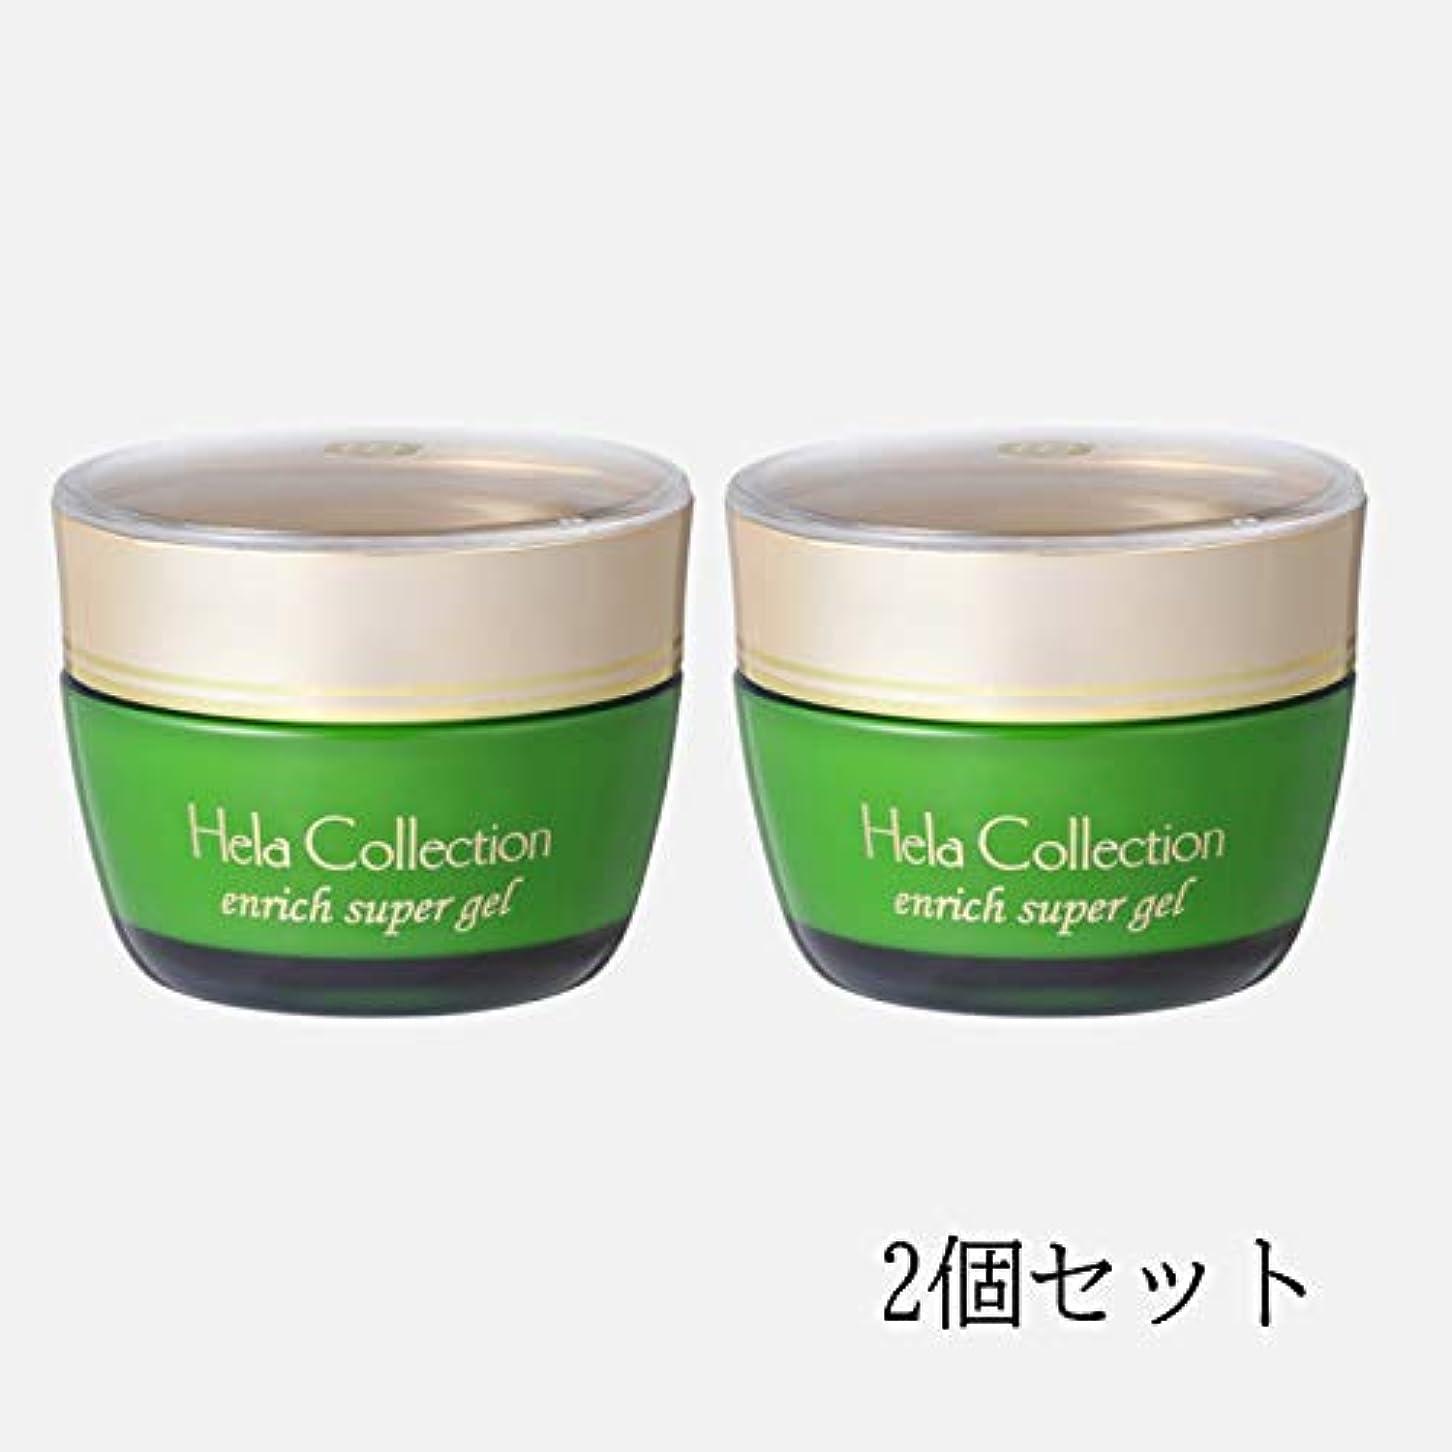 混合慣れる憧れ【大高酵素】エンリッチスーパージェル ジェル状美容液 2個セット